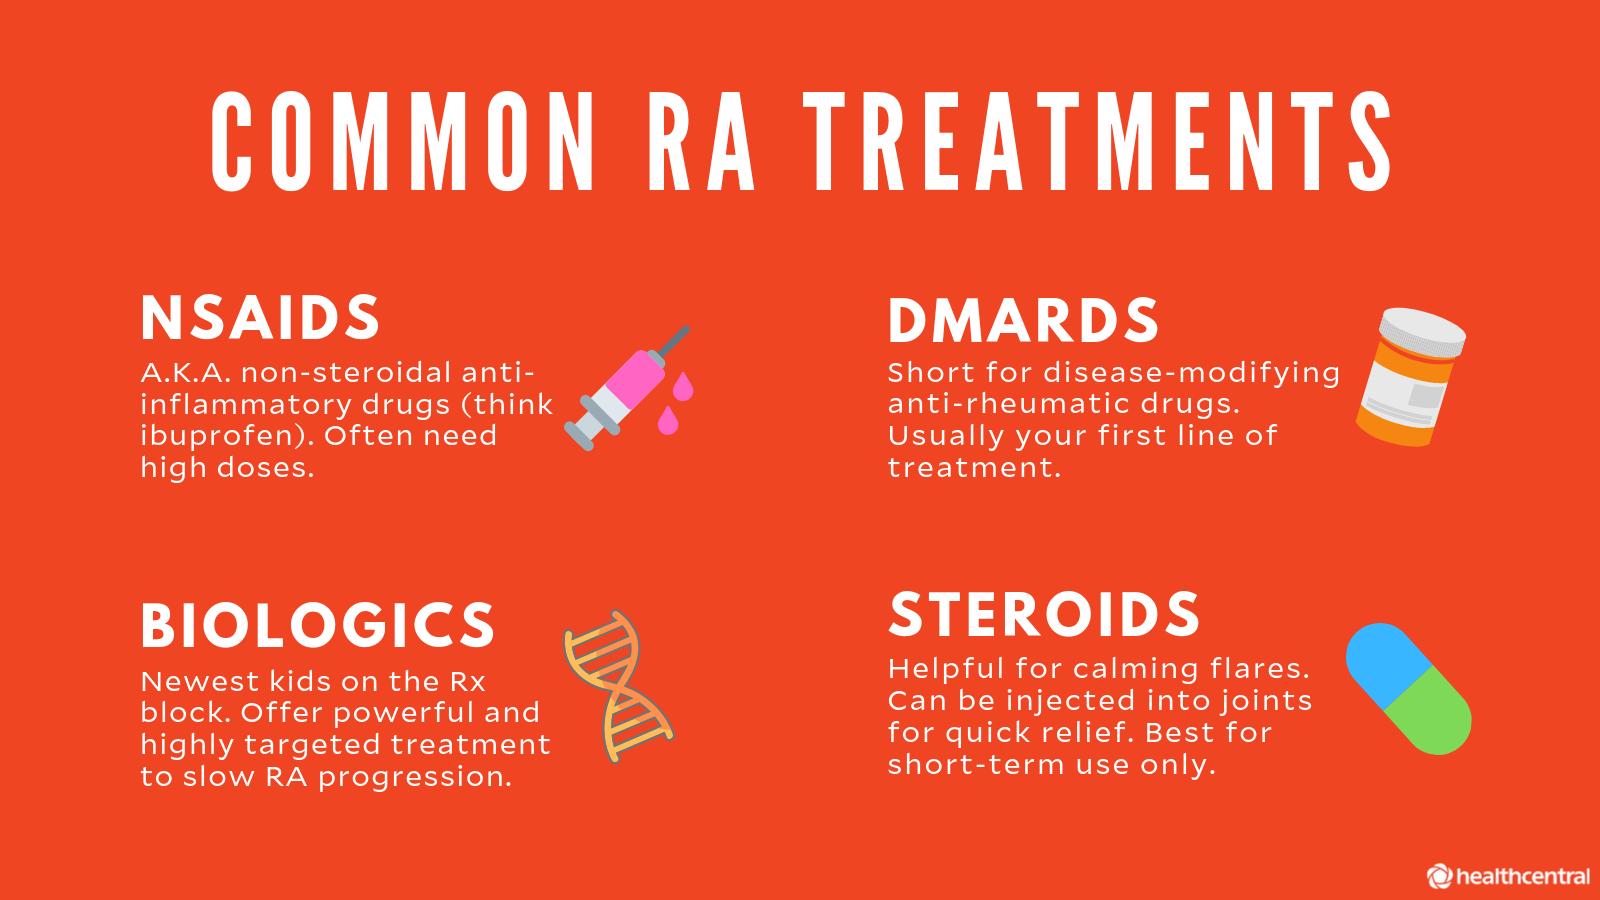 rheumatoid arthritis treatment)